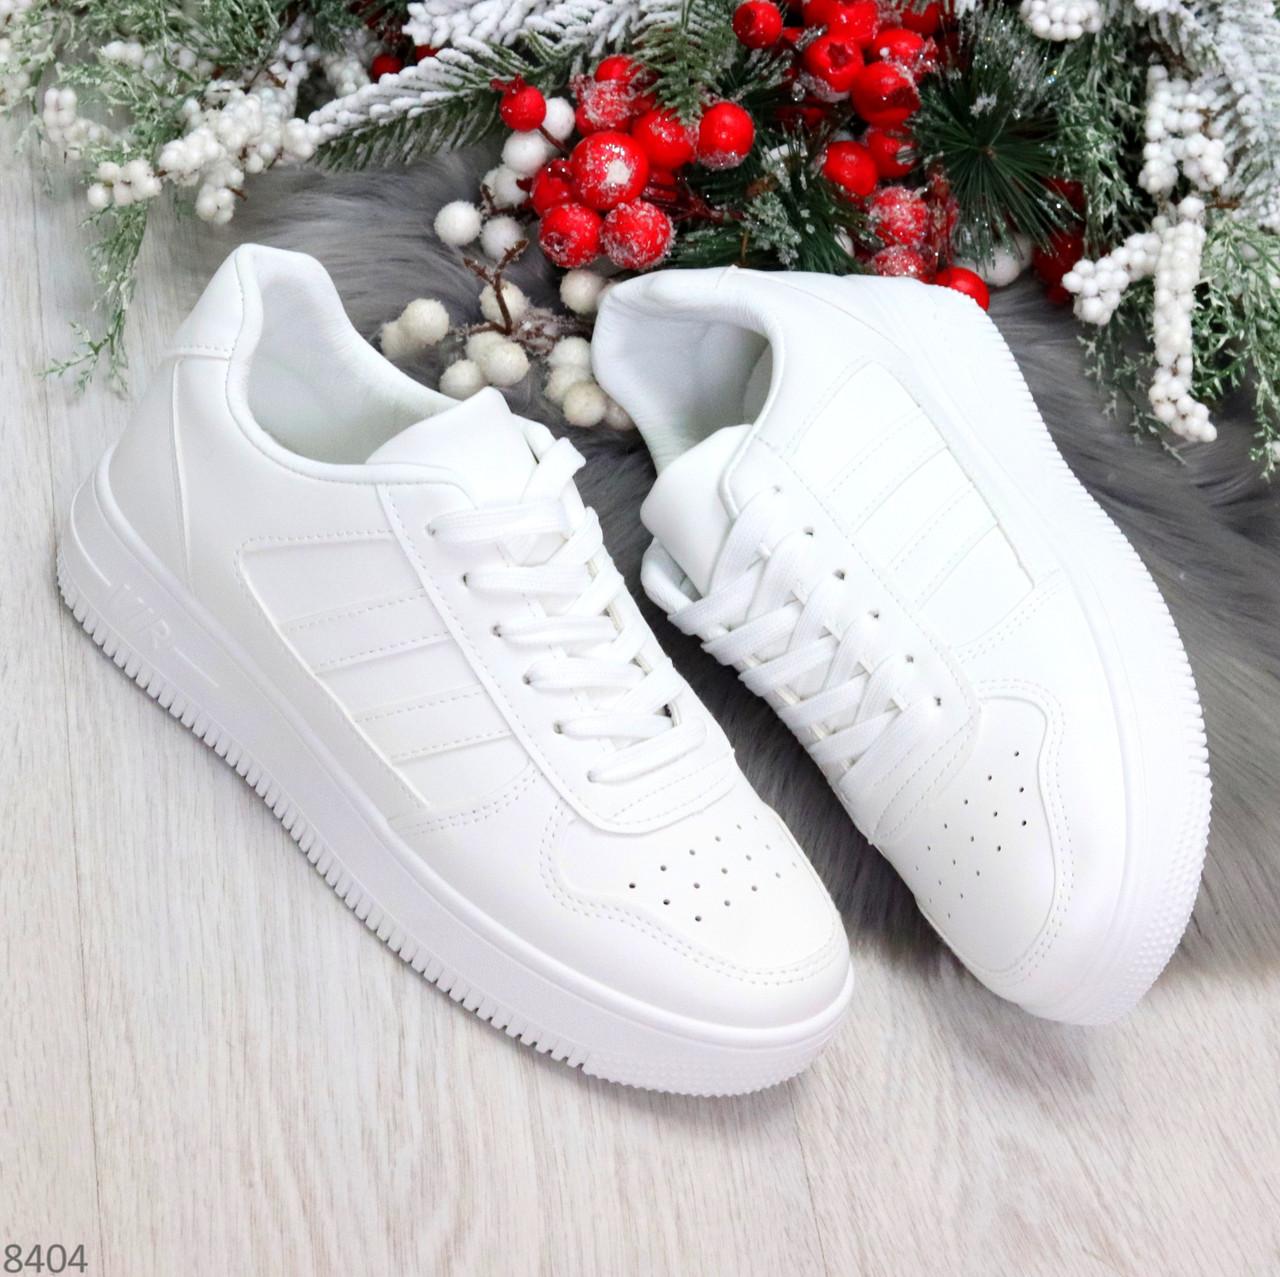 Удобные повседневные белые женские кроссовки кеды на шнуровке